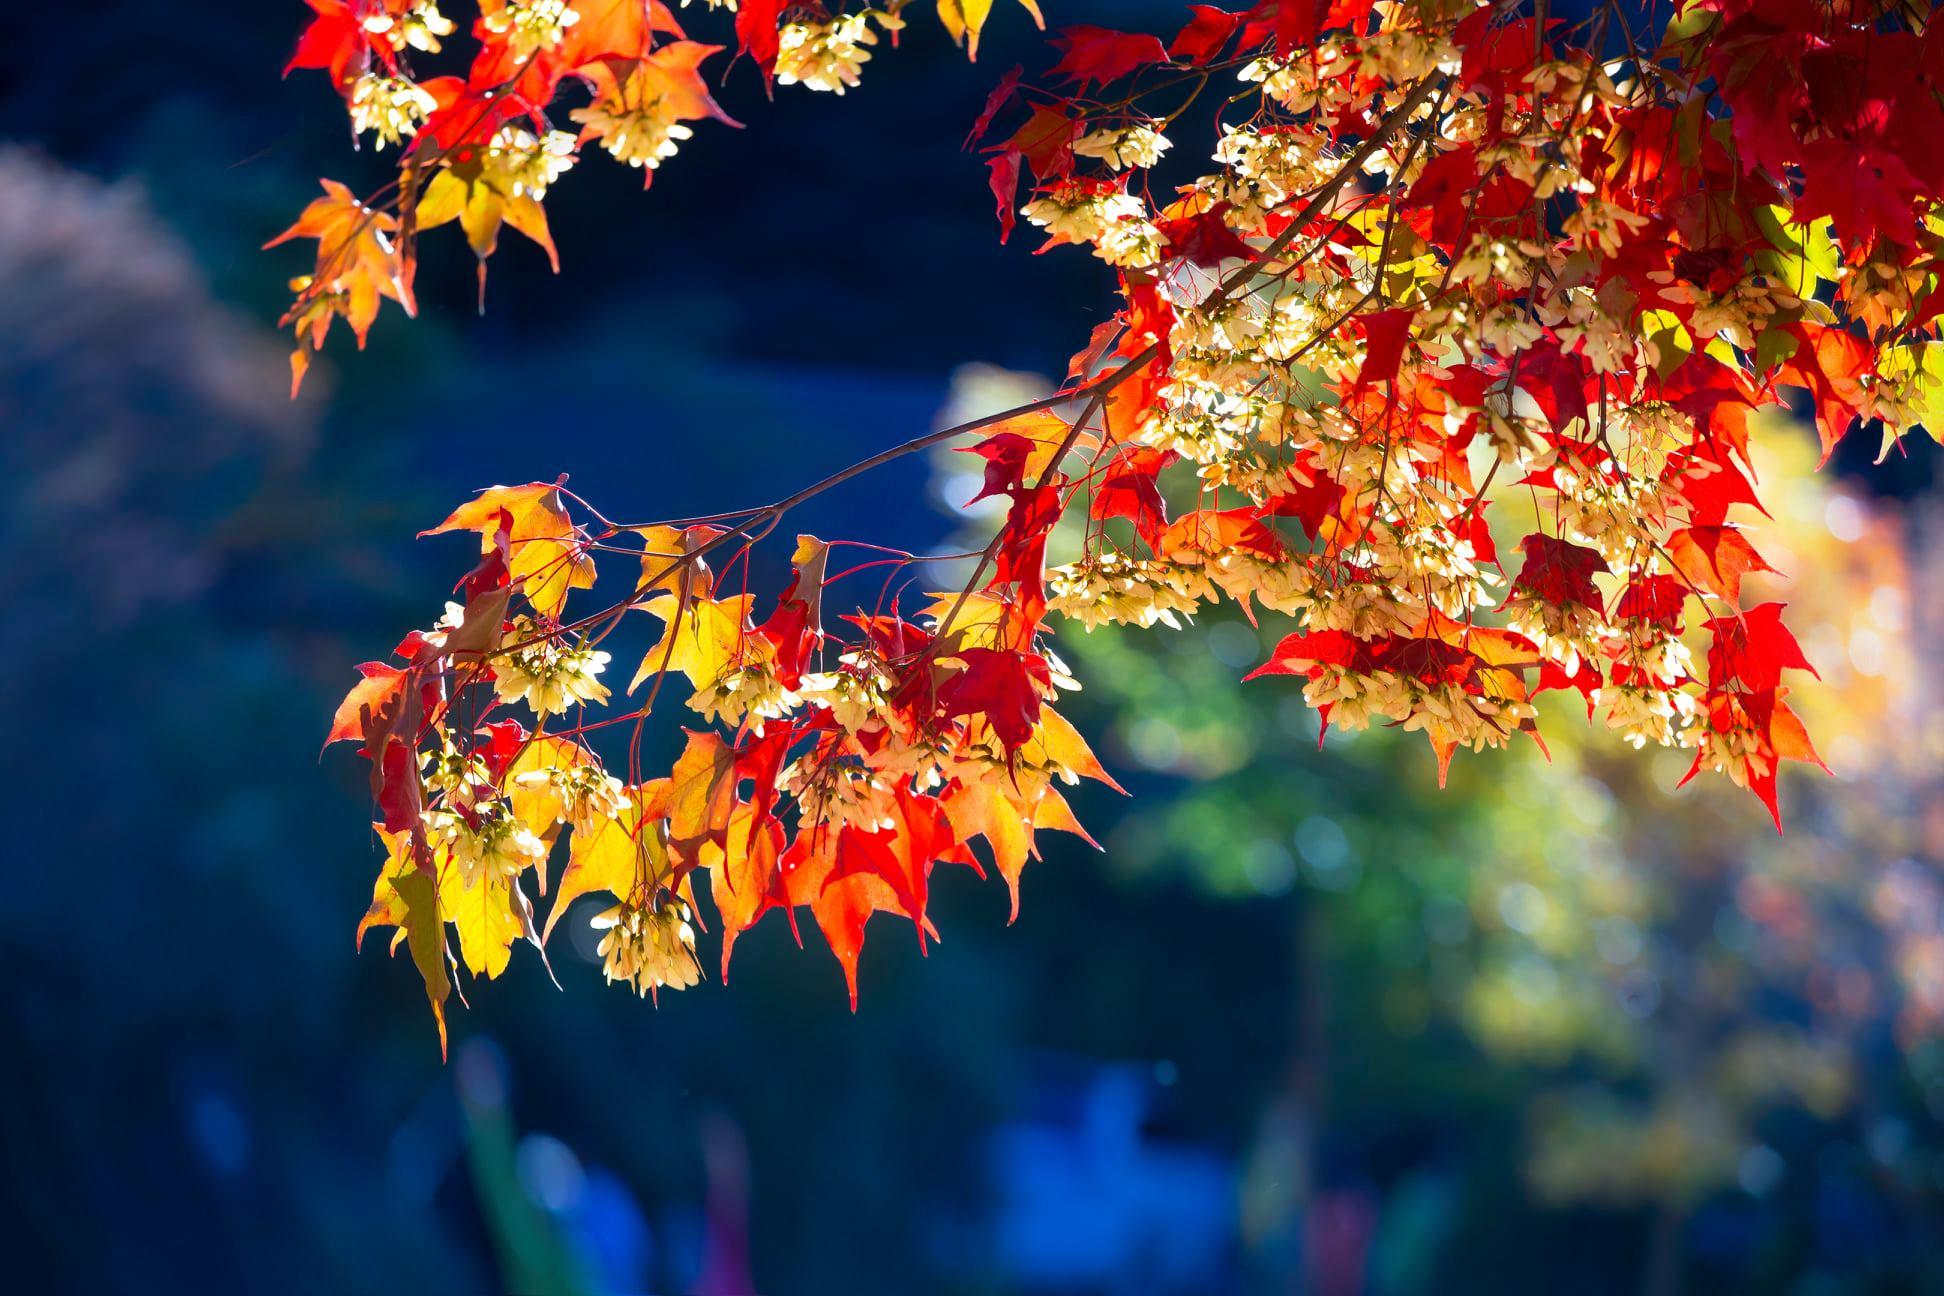 武陵農場⎪交通方式.門票資訊⎪山林換上秋日新裝。楓葉、銀杏、落羽松及油菜花田,讓你一次拍夠夠! @捲捲頭 ♡ 品味生活